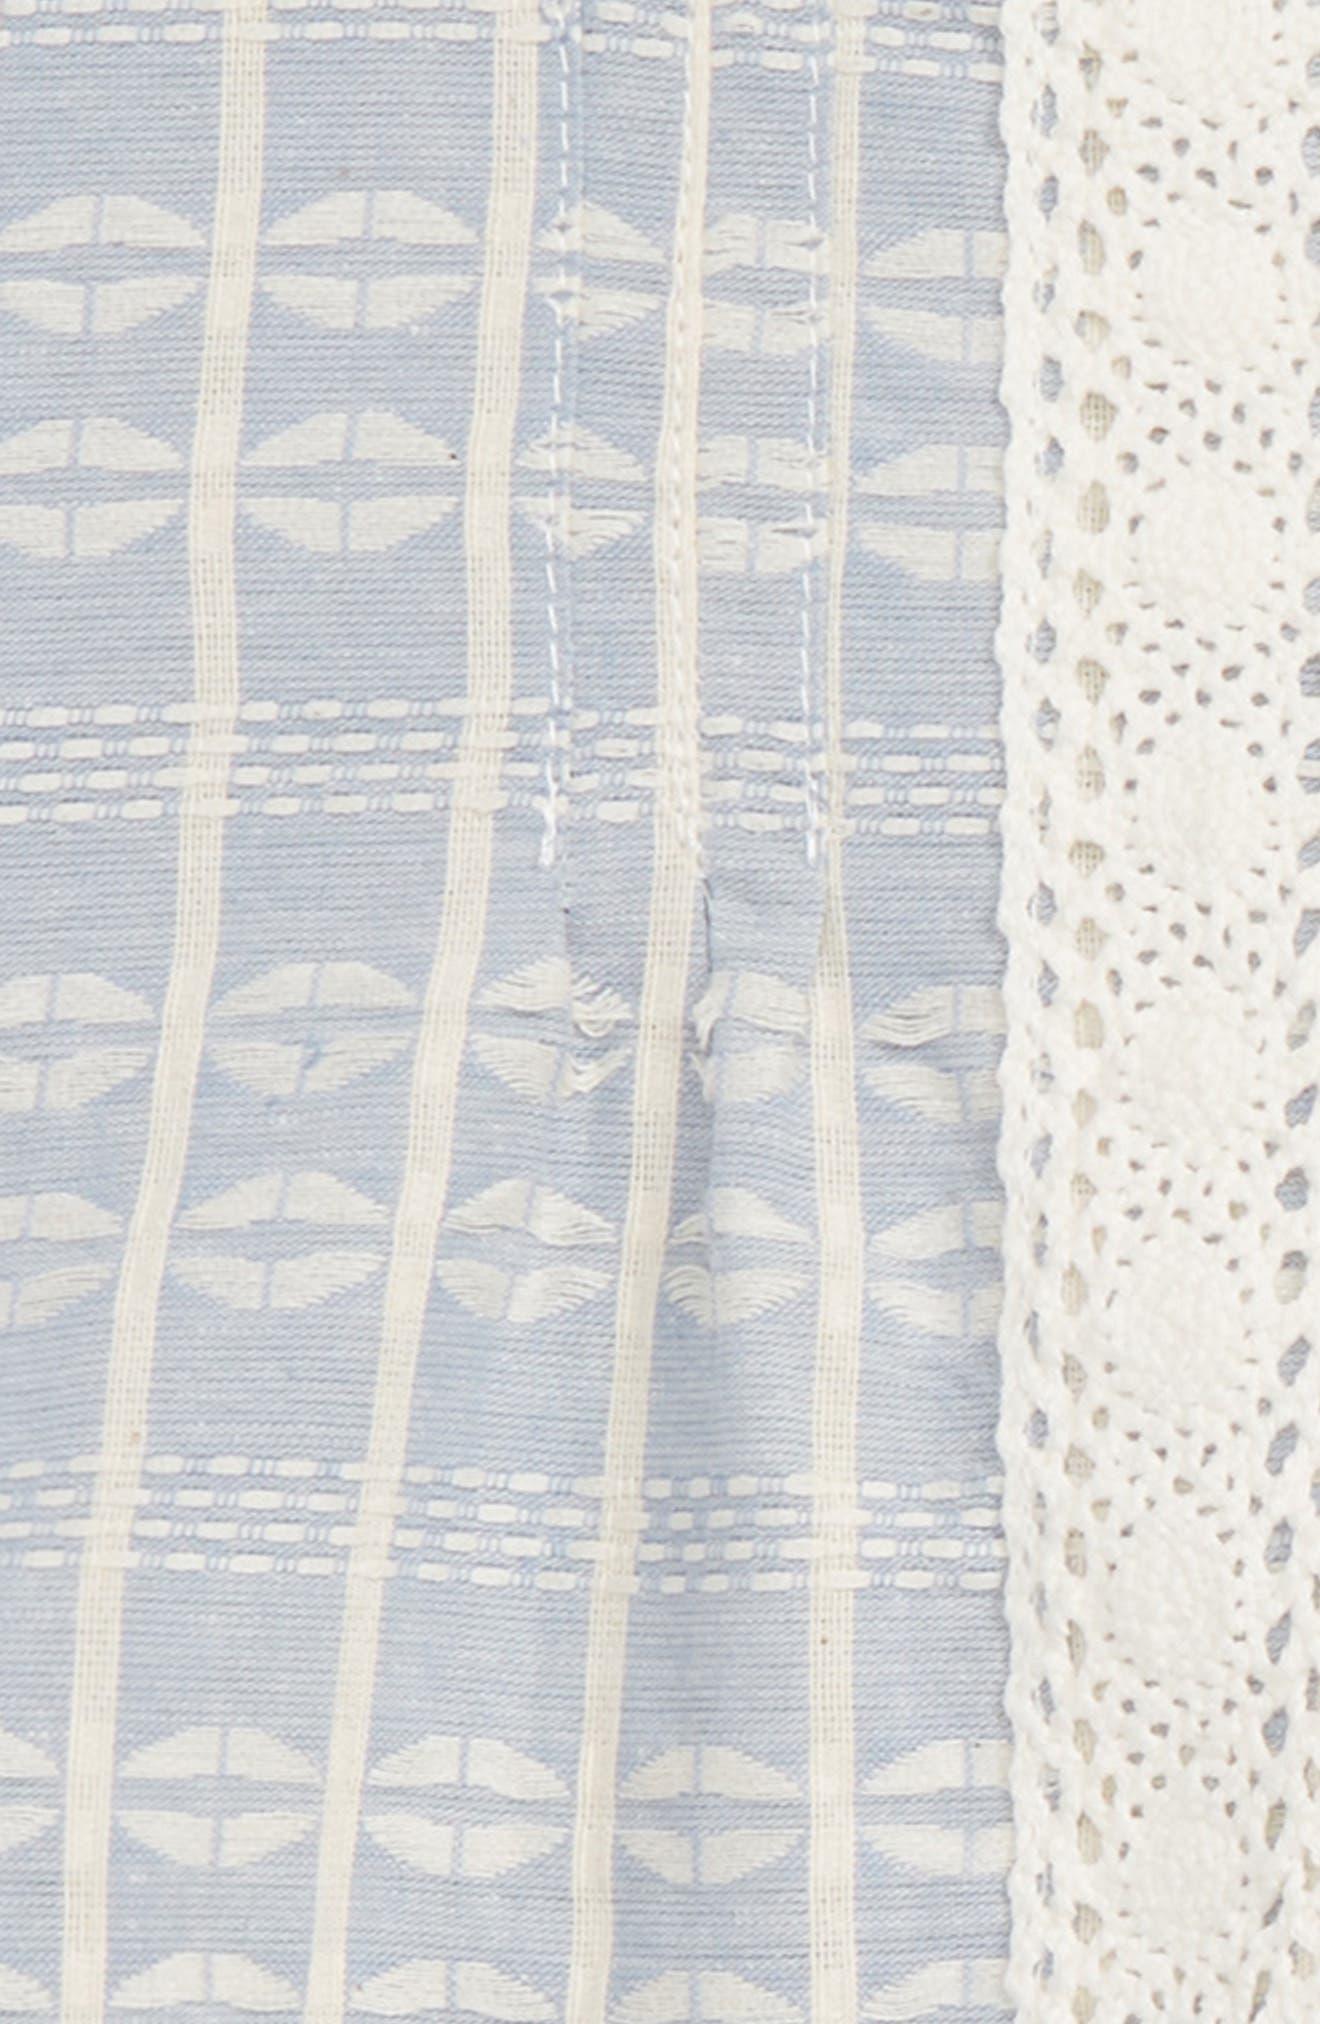 Jacquard Peplum Top & Leggings Set,                             Alternate thumbnail 2, color,                             Light Blue